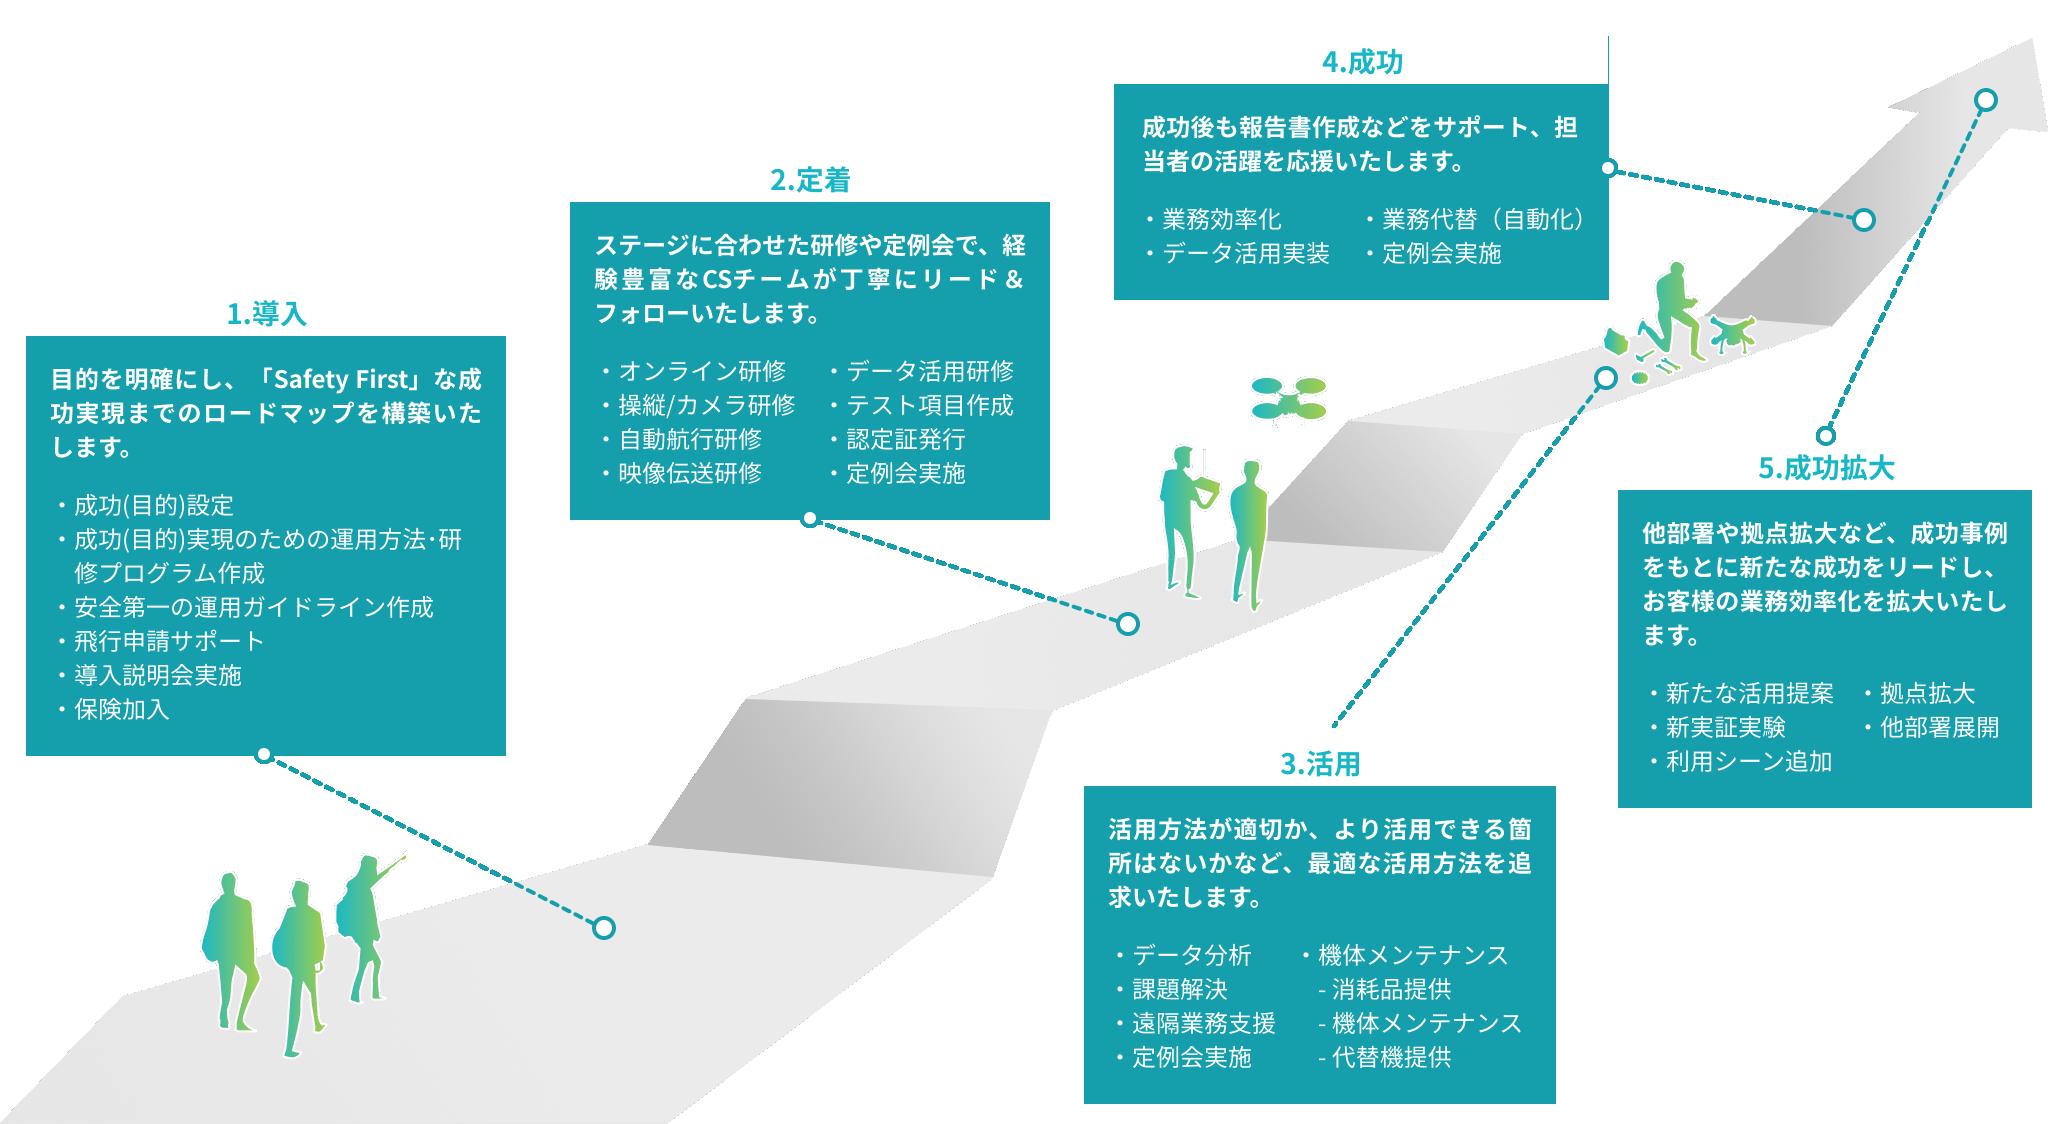 カスタマーサクセスのステップ:1.導入,2.定着,3.活用,4.成功,5.成功拡大